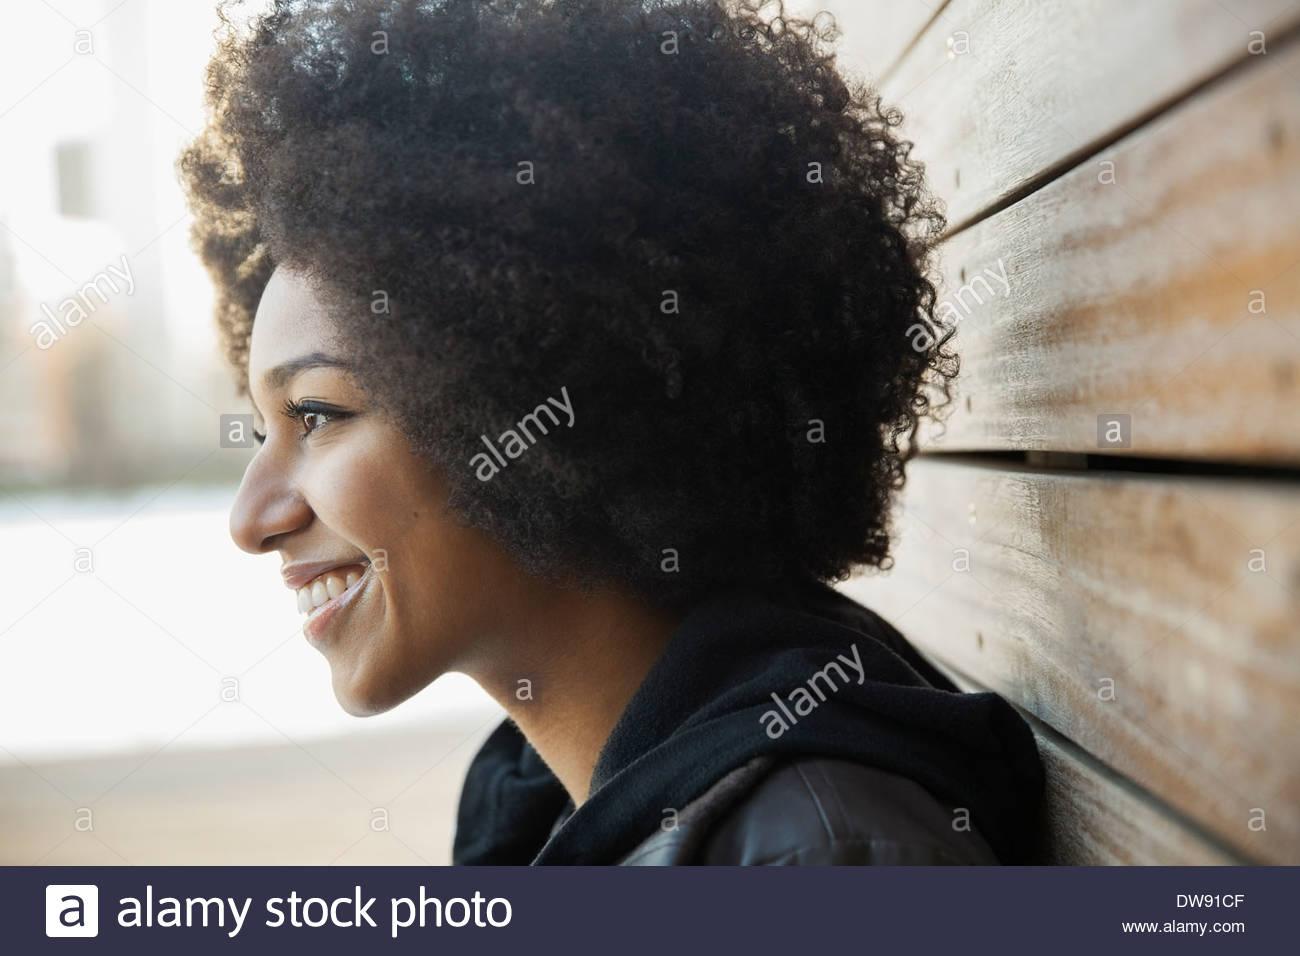 Vue latérale du smiling woman outdoors Photo Stock